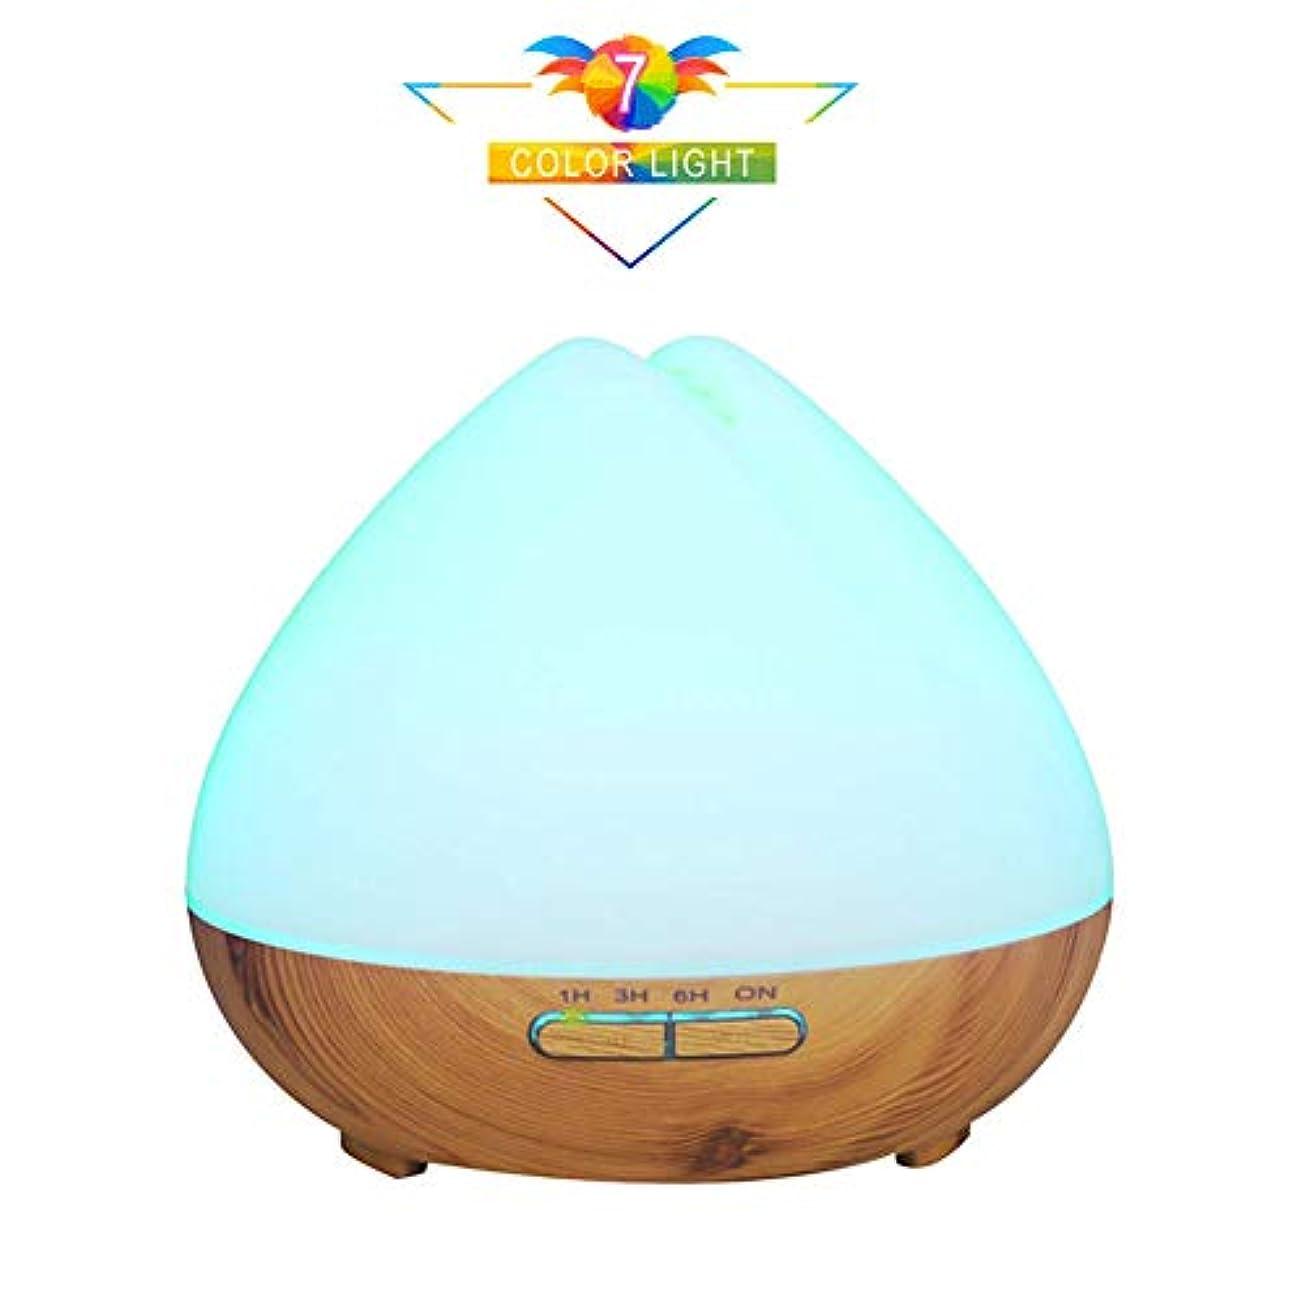 エロチック人種あえぎ400ミリリットルアロマエッセンシャルオイルディフューザー、クールミストアロマディフューザー7色を設定する4タイマーLEDライト